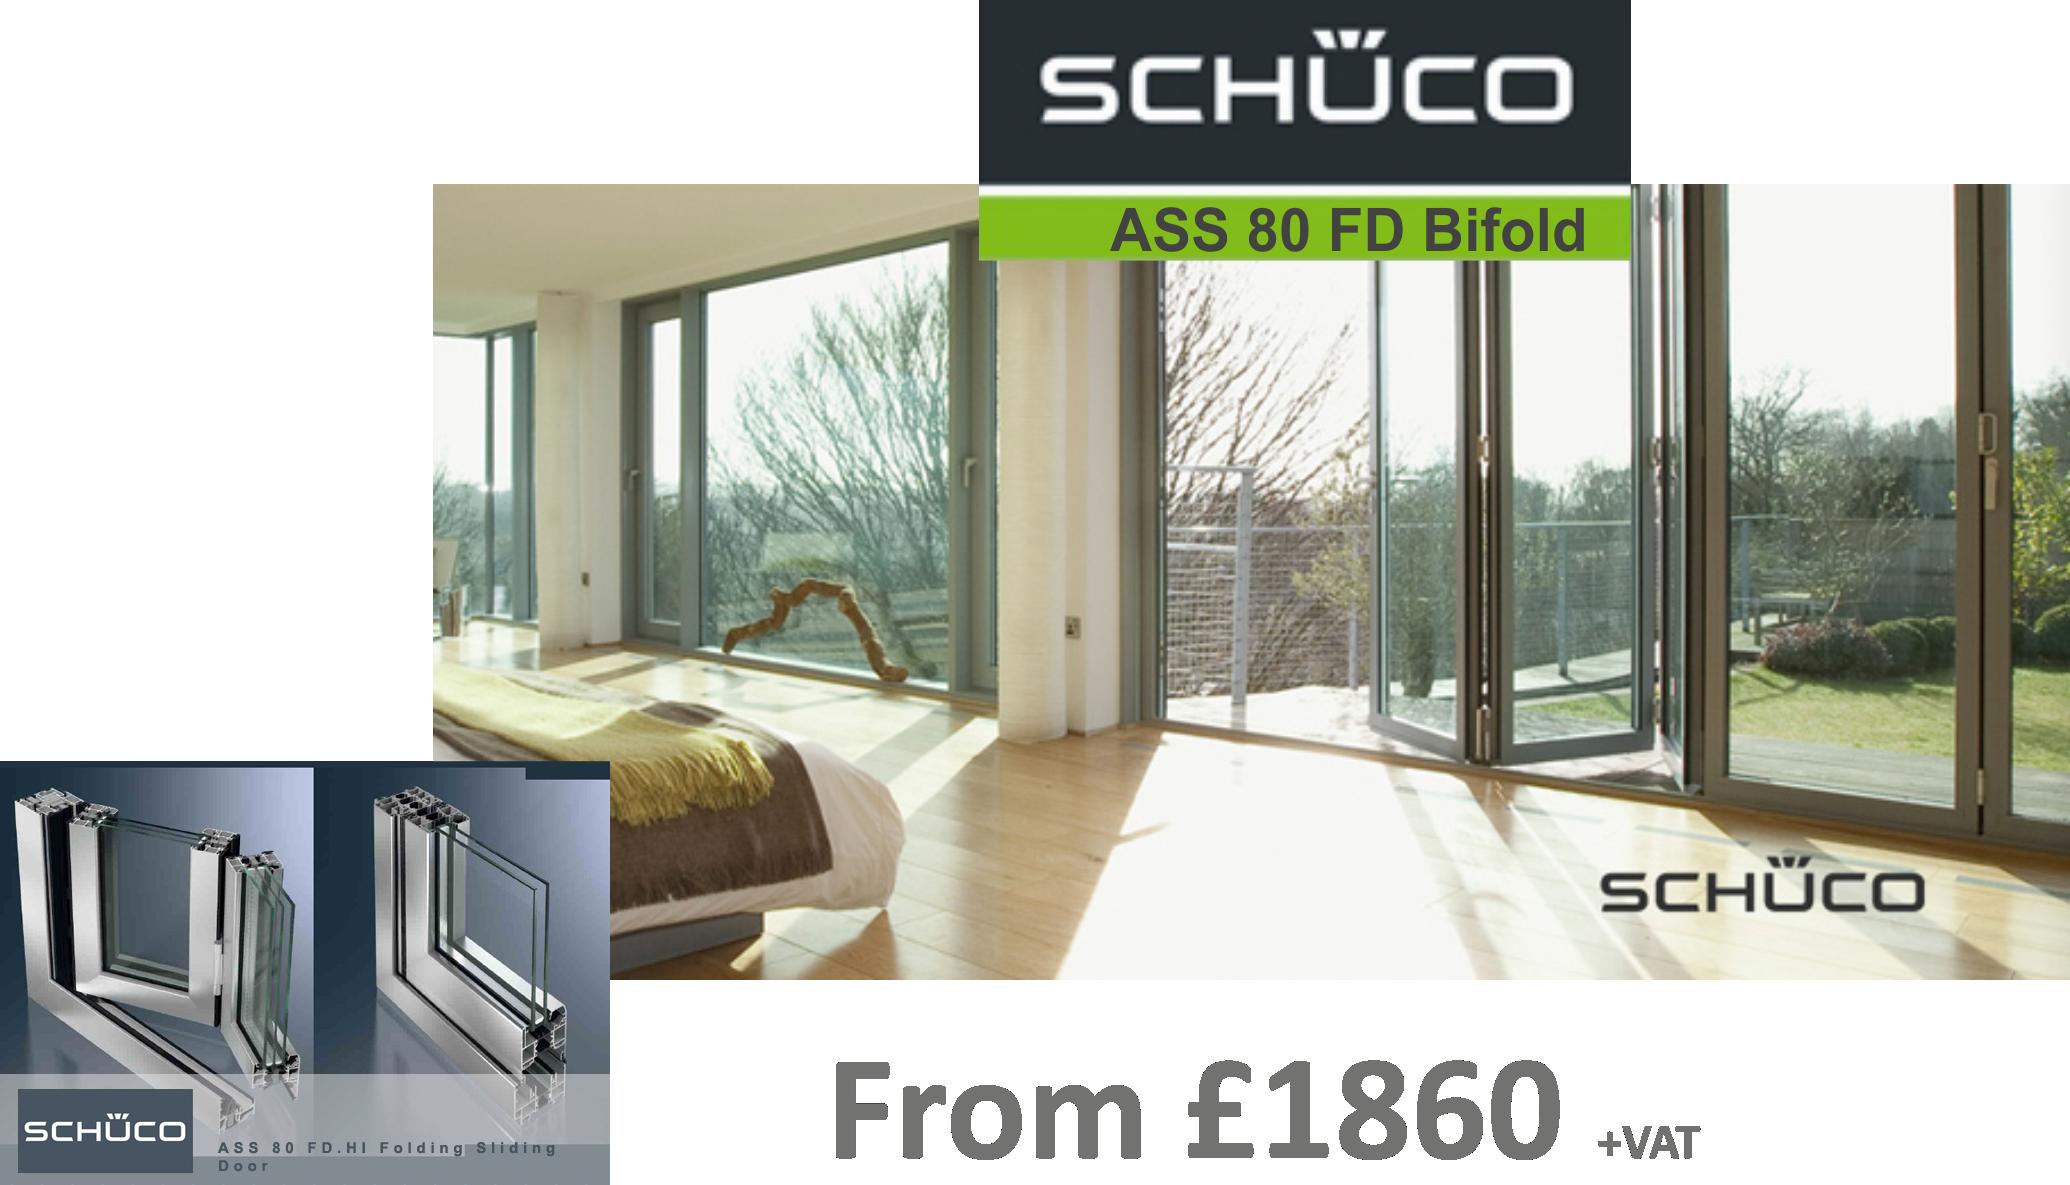 Slide or Fold Schuco ASS 80 FD Bifold